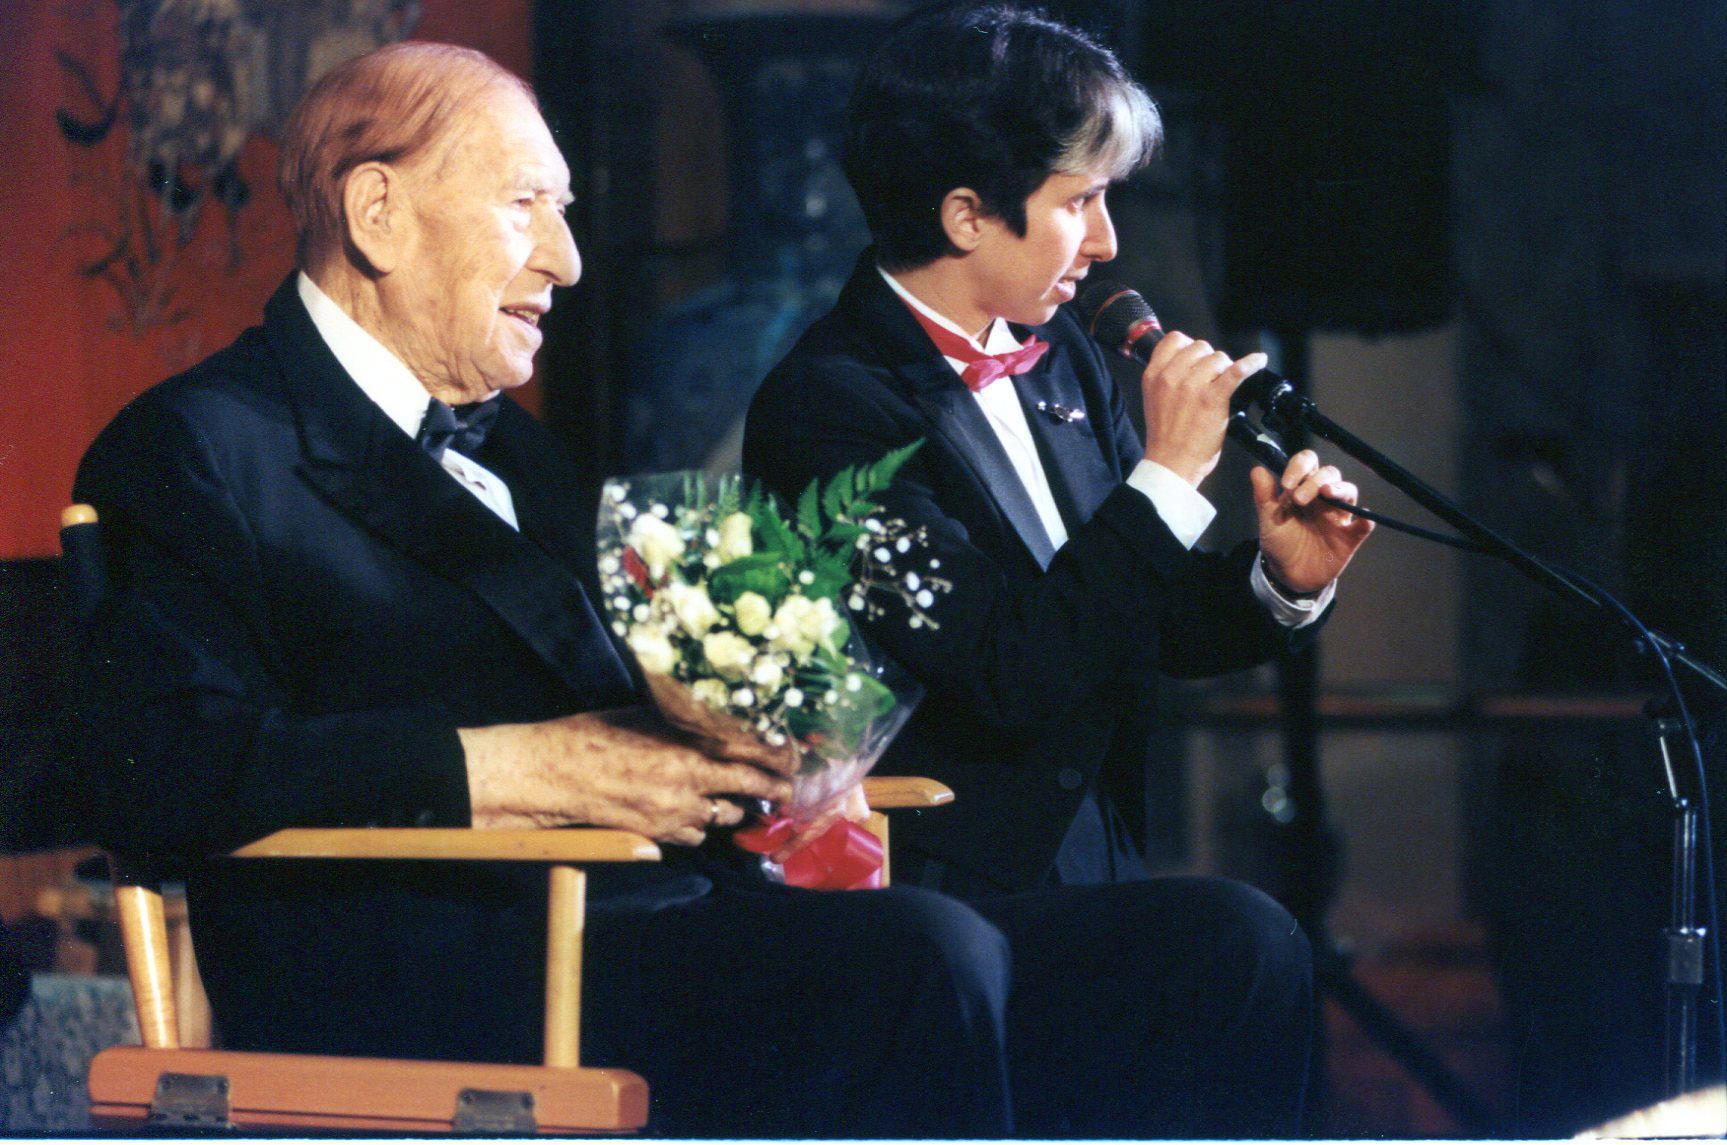 Henny Youngman and Lisa Geduldig, 1997